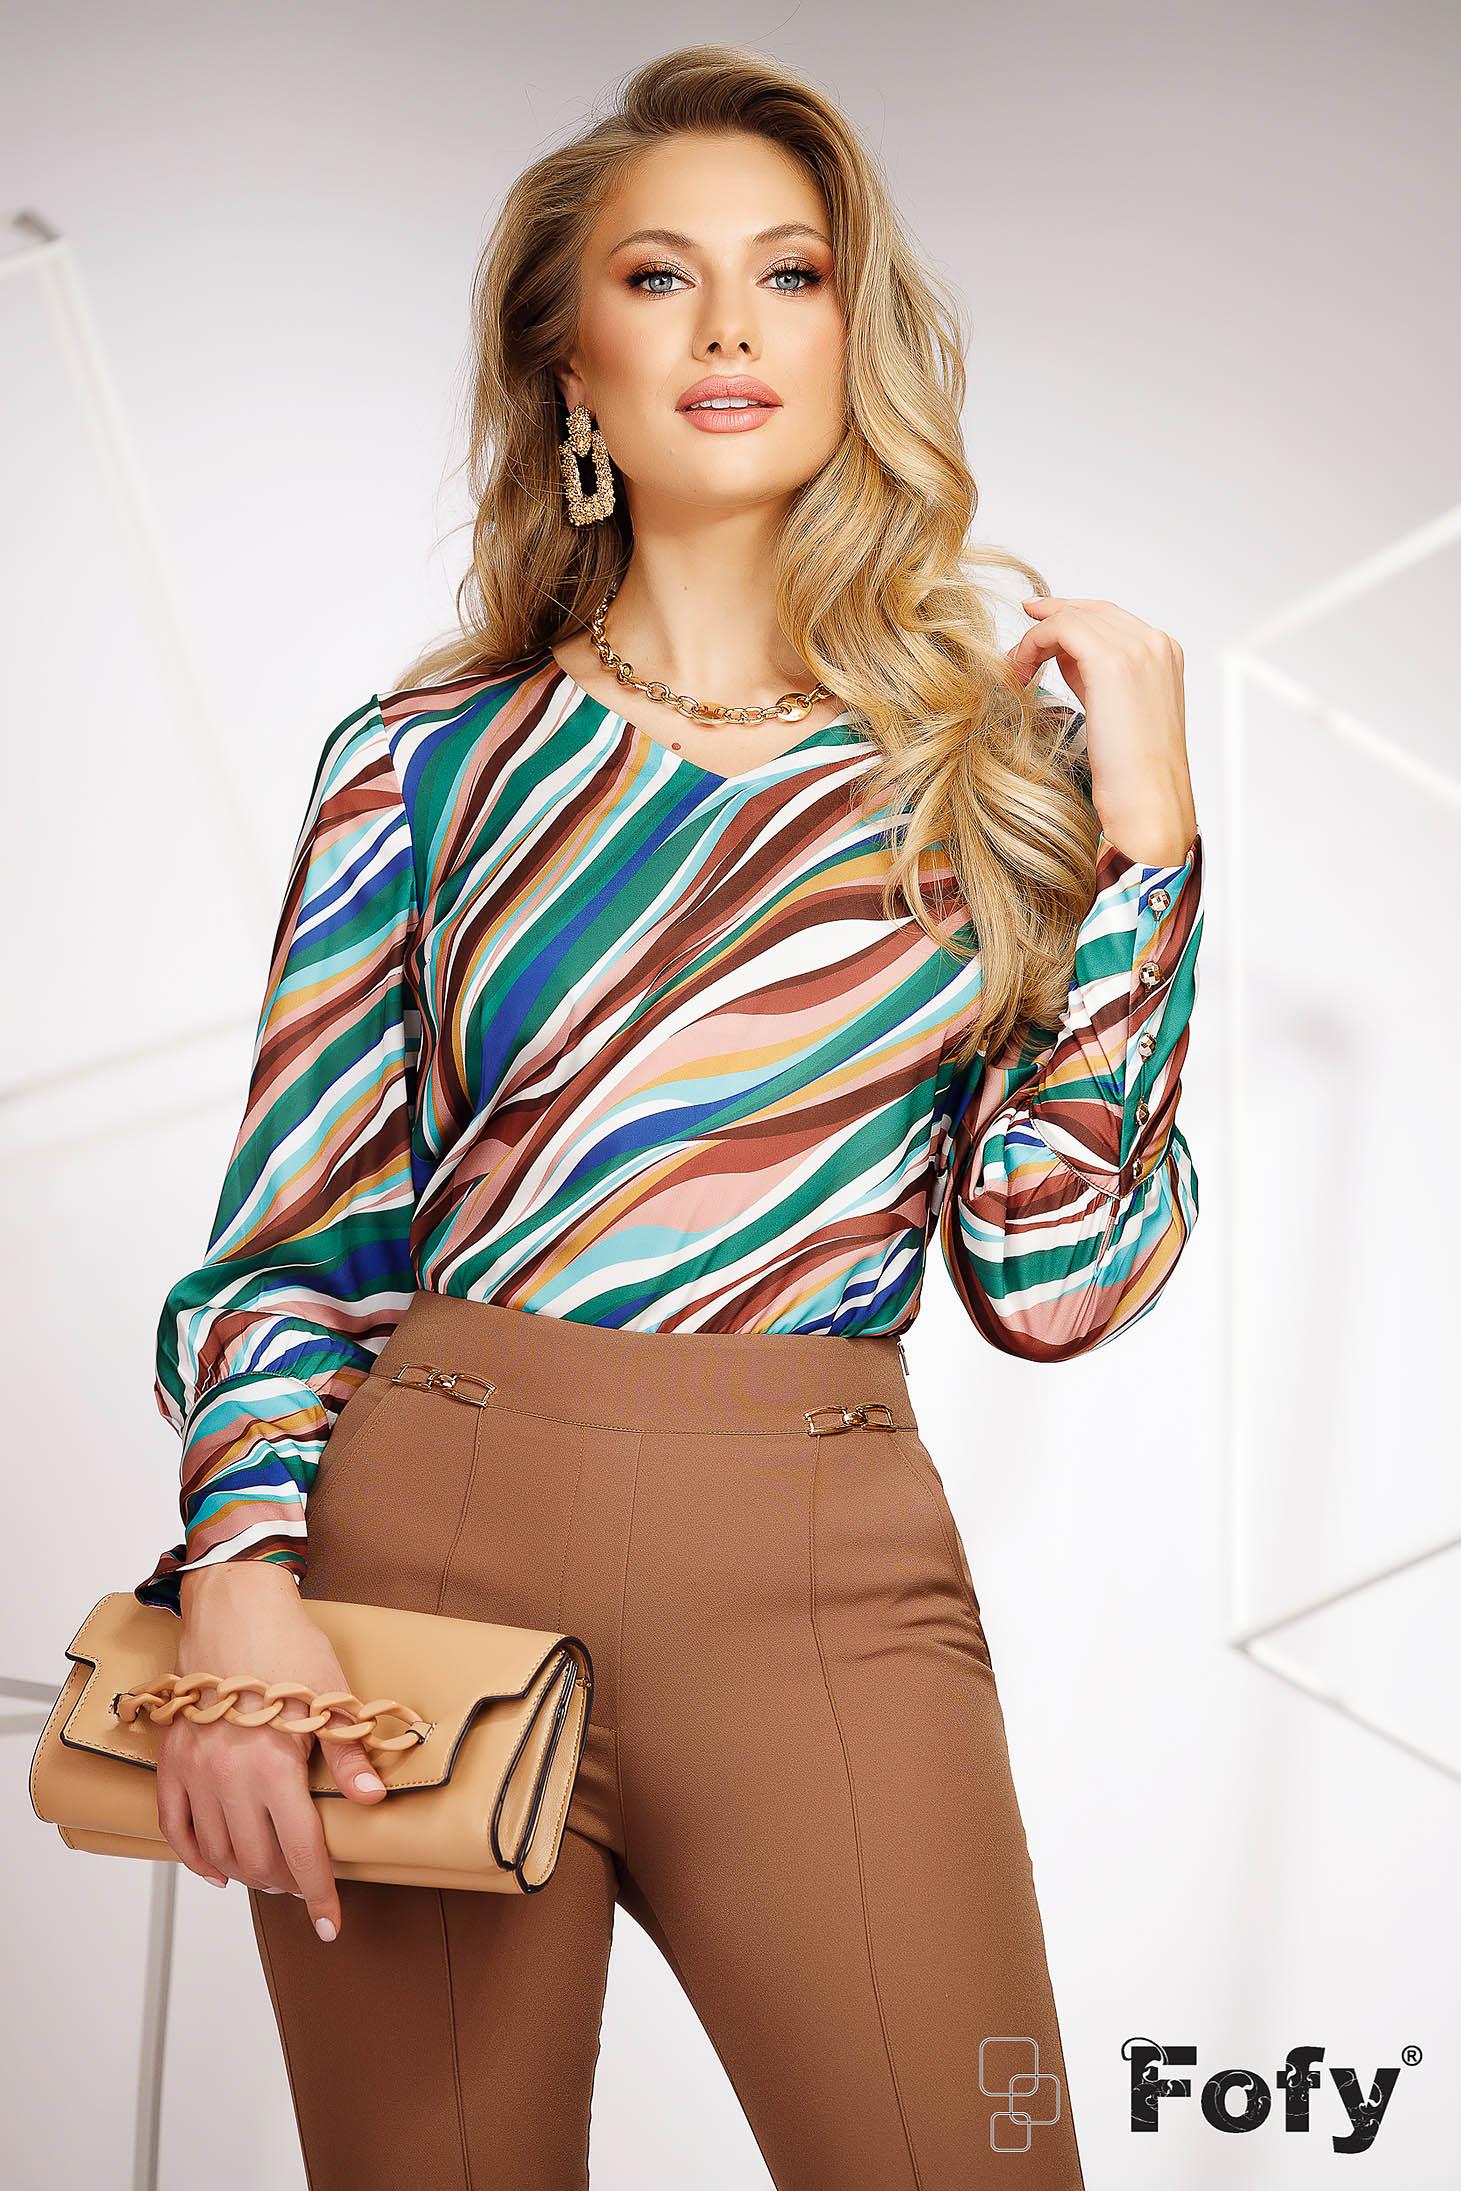 Bluza dama Fofy casual cu croi larg din material subtire si neelastic cu imprimeuri grafice